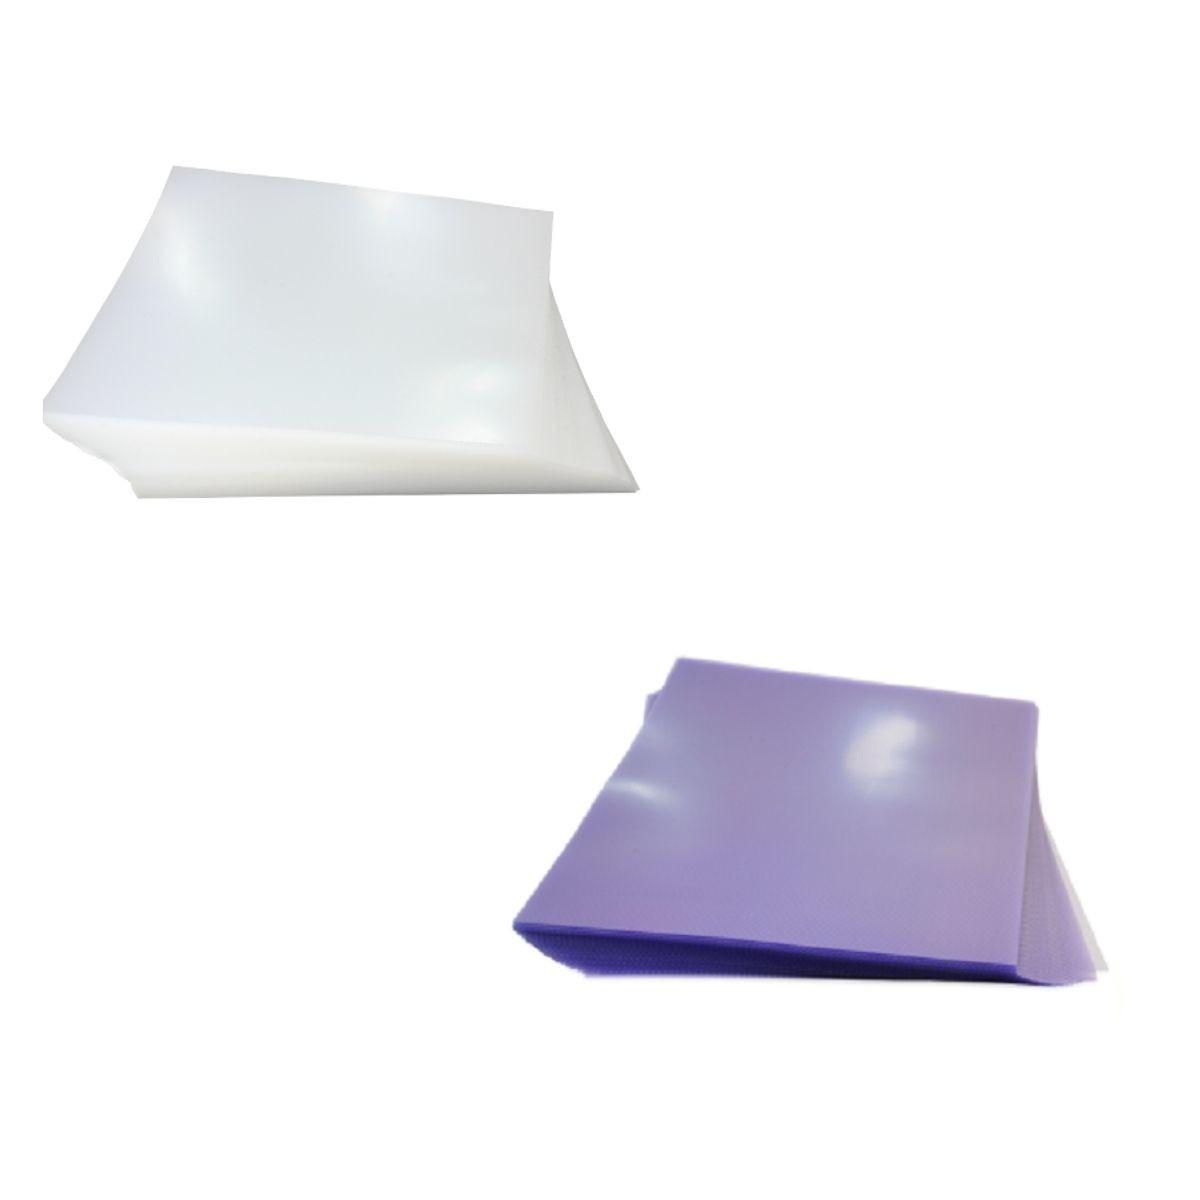 Kit 200 Capas para Encadernação A4 - Cristal Line (Frente) e Lilás Couro (Fundo)  - Click Suprimentos